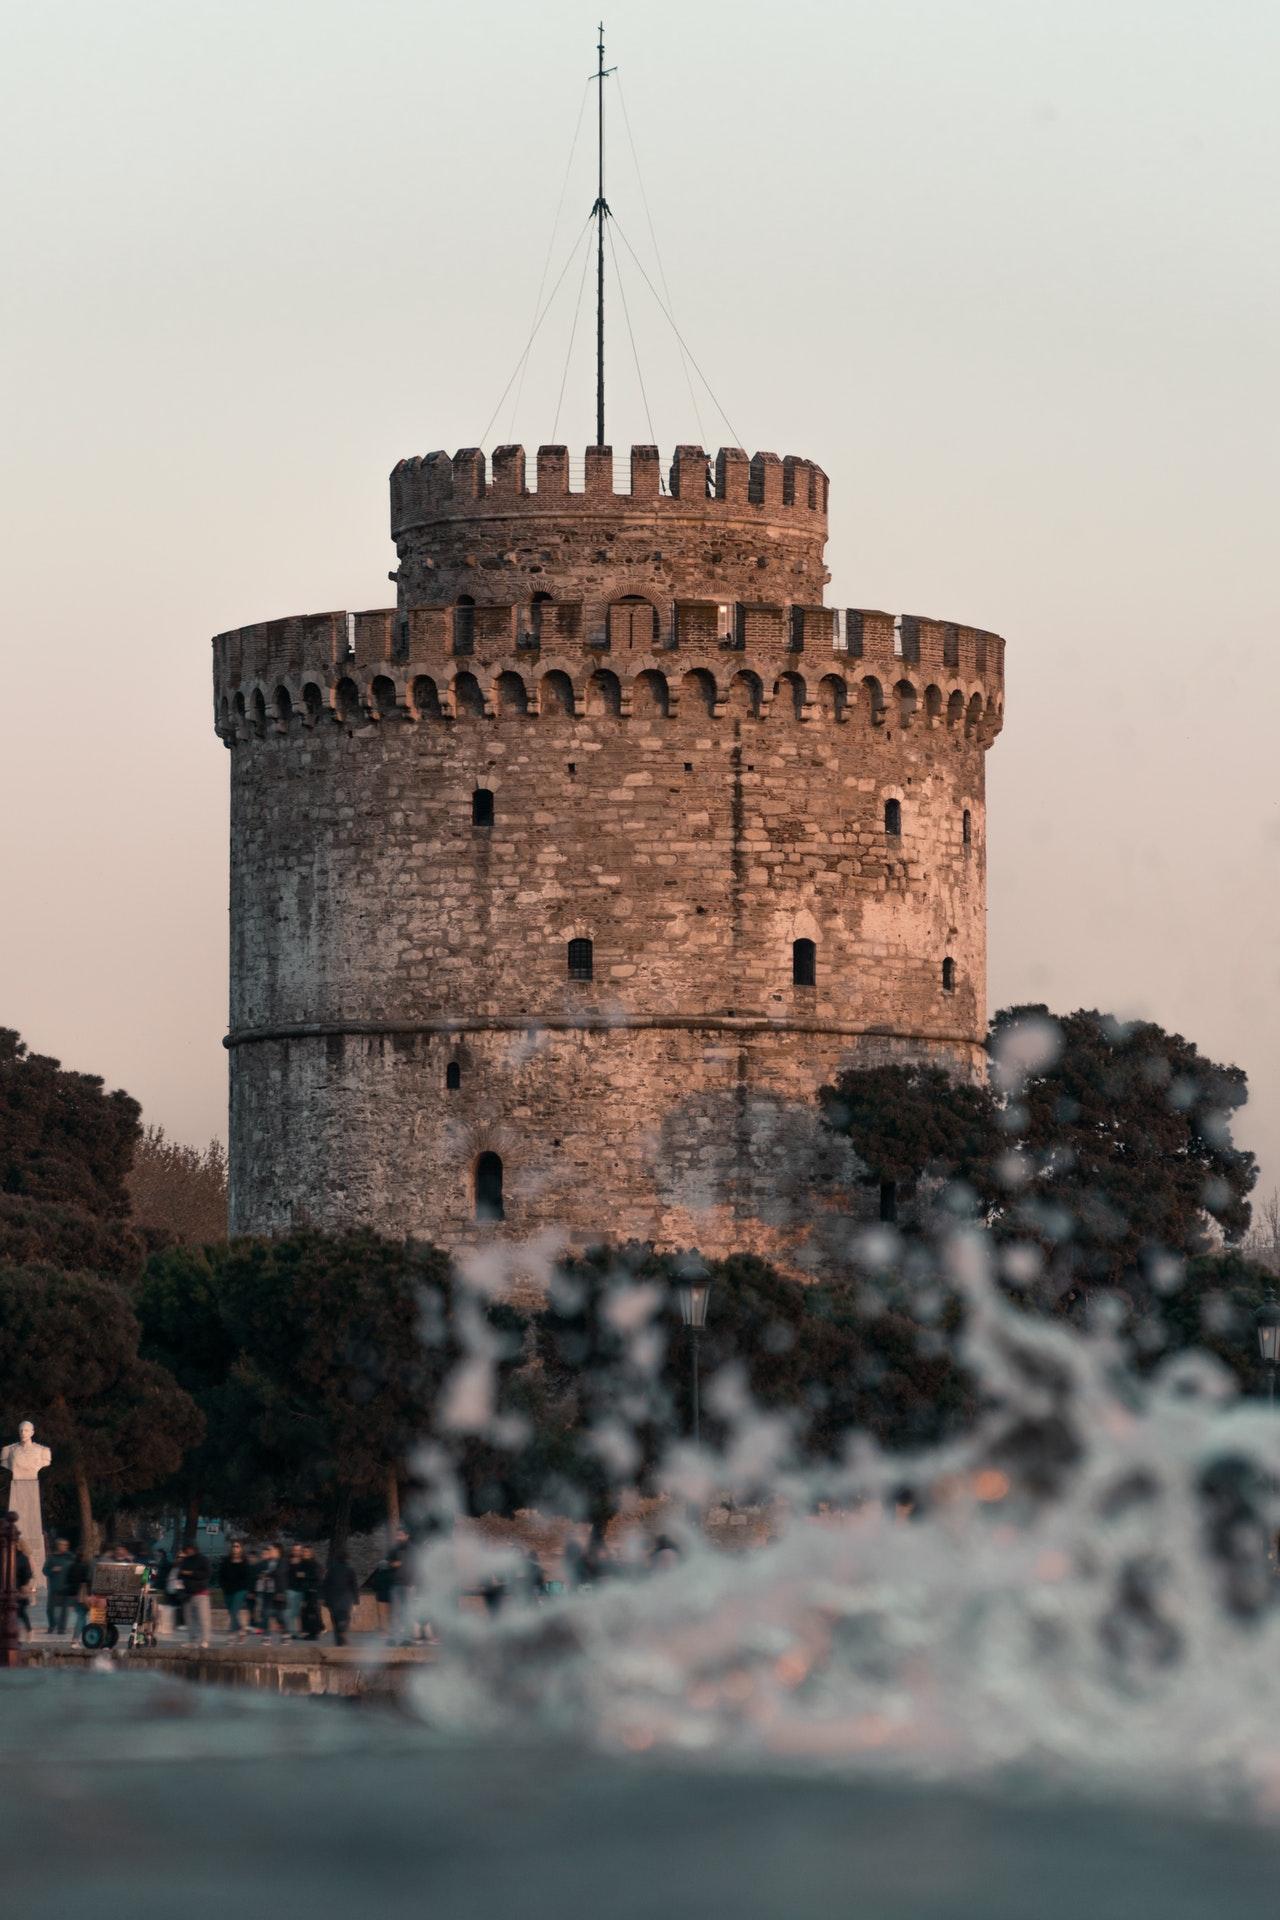 Ο Λευκός Πύργος στην παραλία της Θεσσαλονίκης